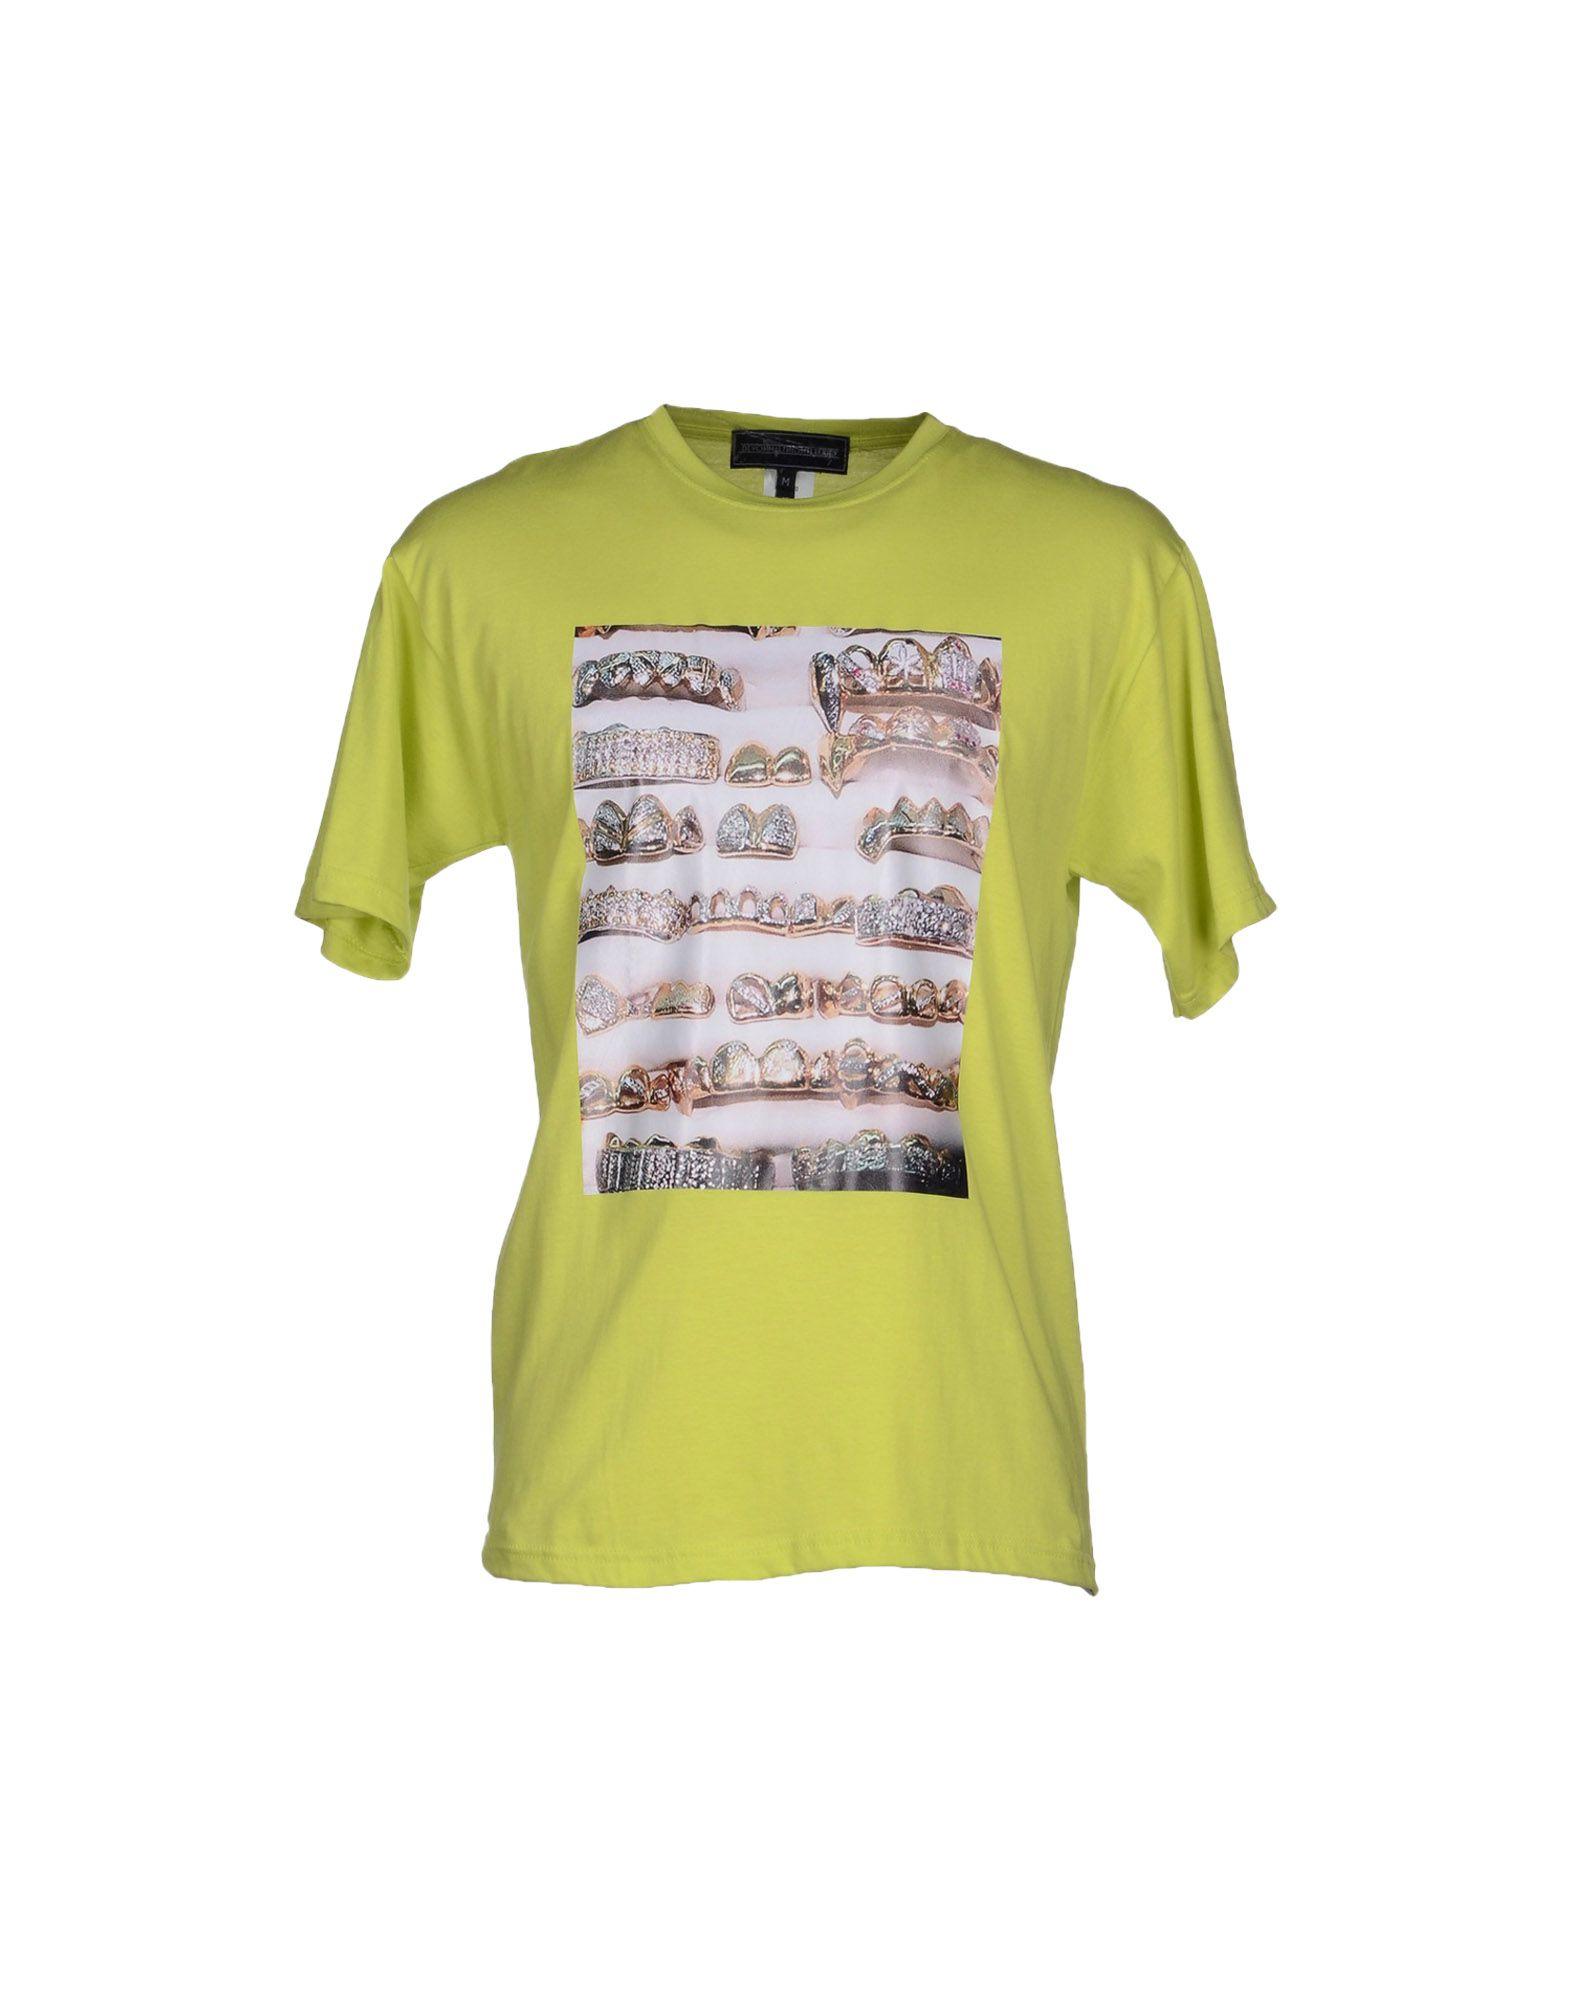 DEVON HALF NIGHT LEFLUFY T-shirts